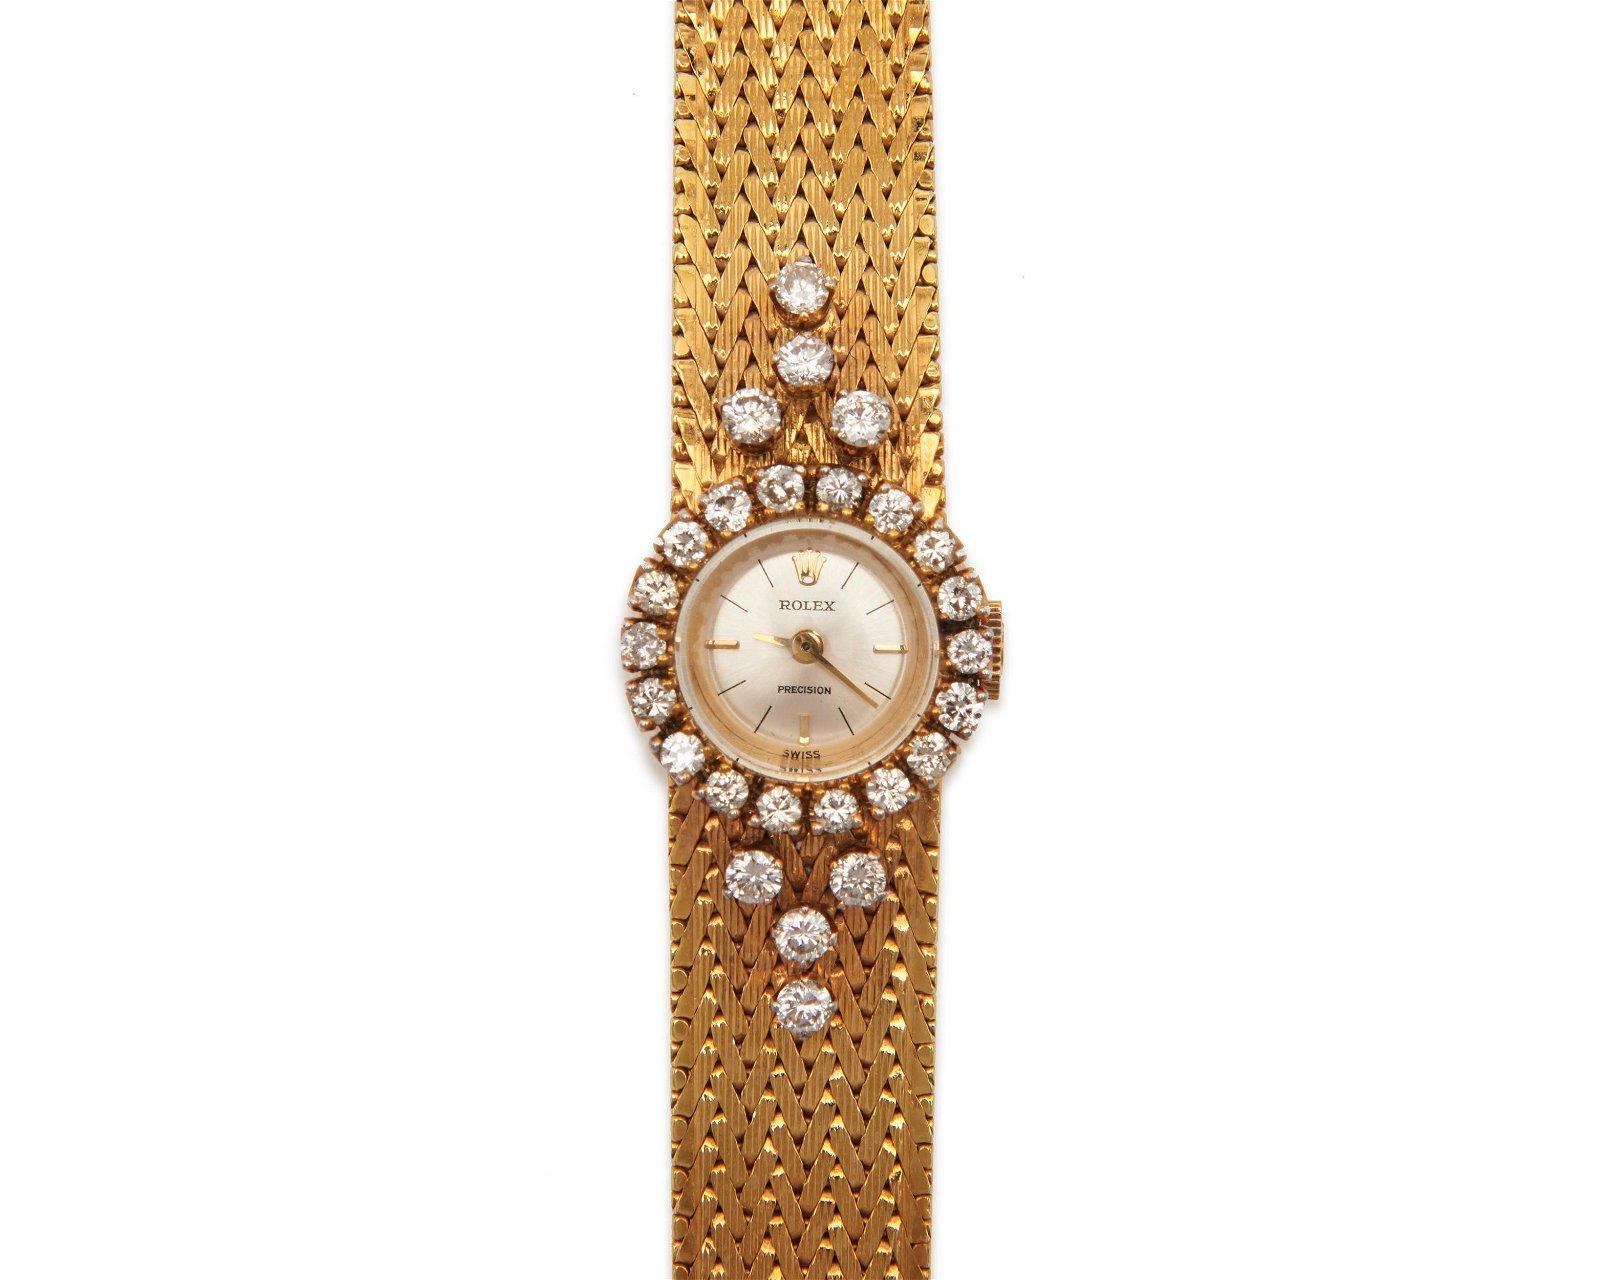 ROLEX 18K Gold and Diamond Wristwatch